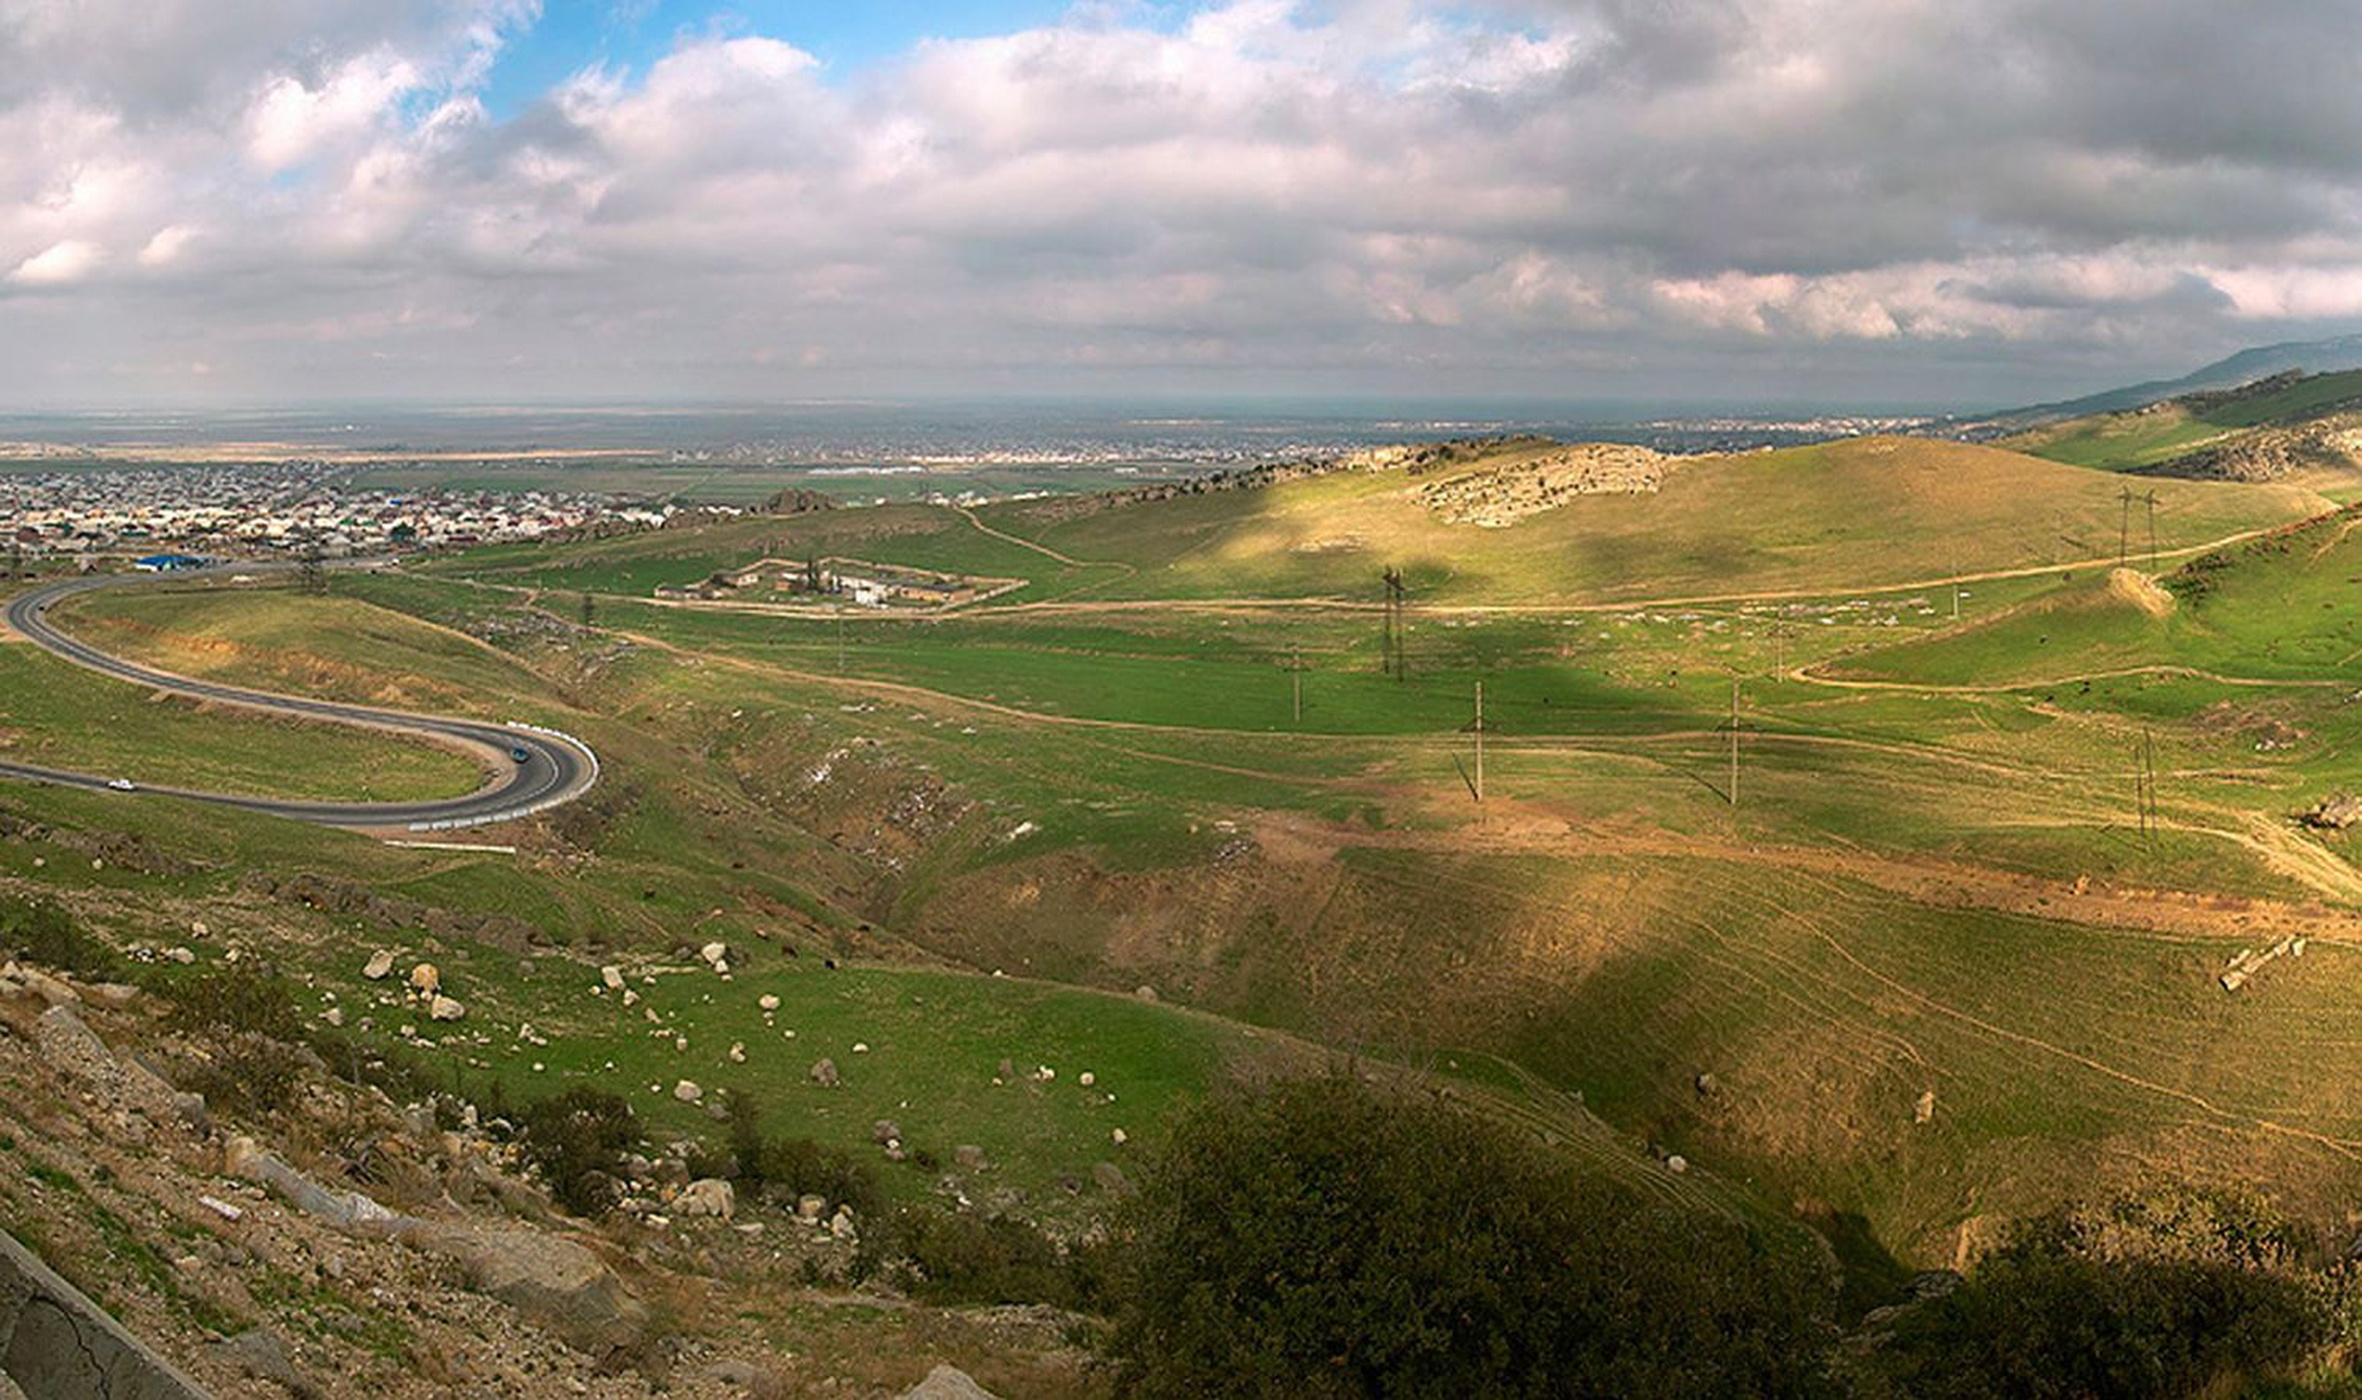 Строительство нового тоннеля протяженностью около 4 километров планируют в Дагестане